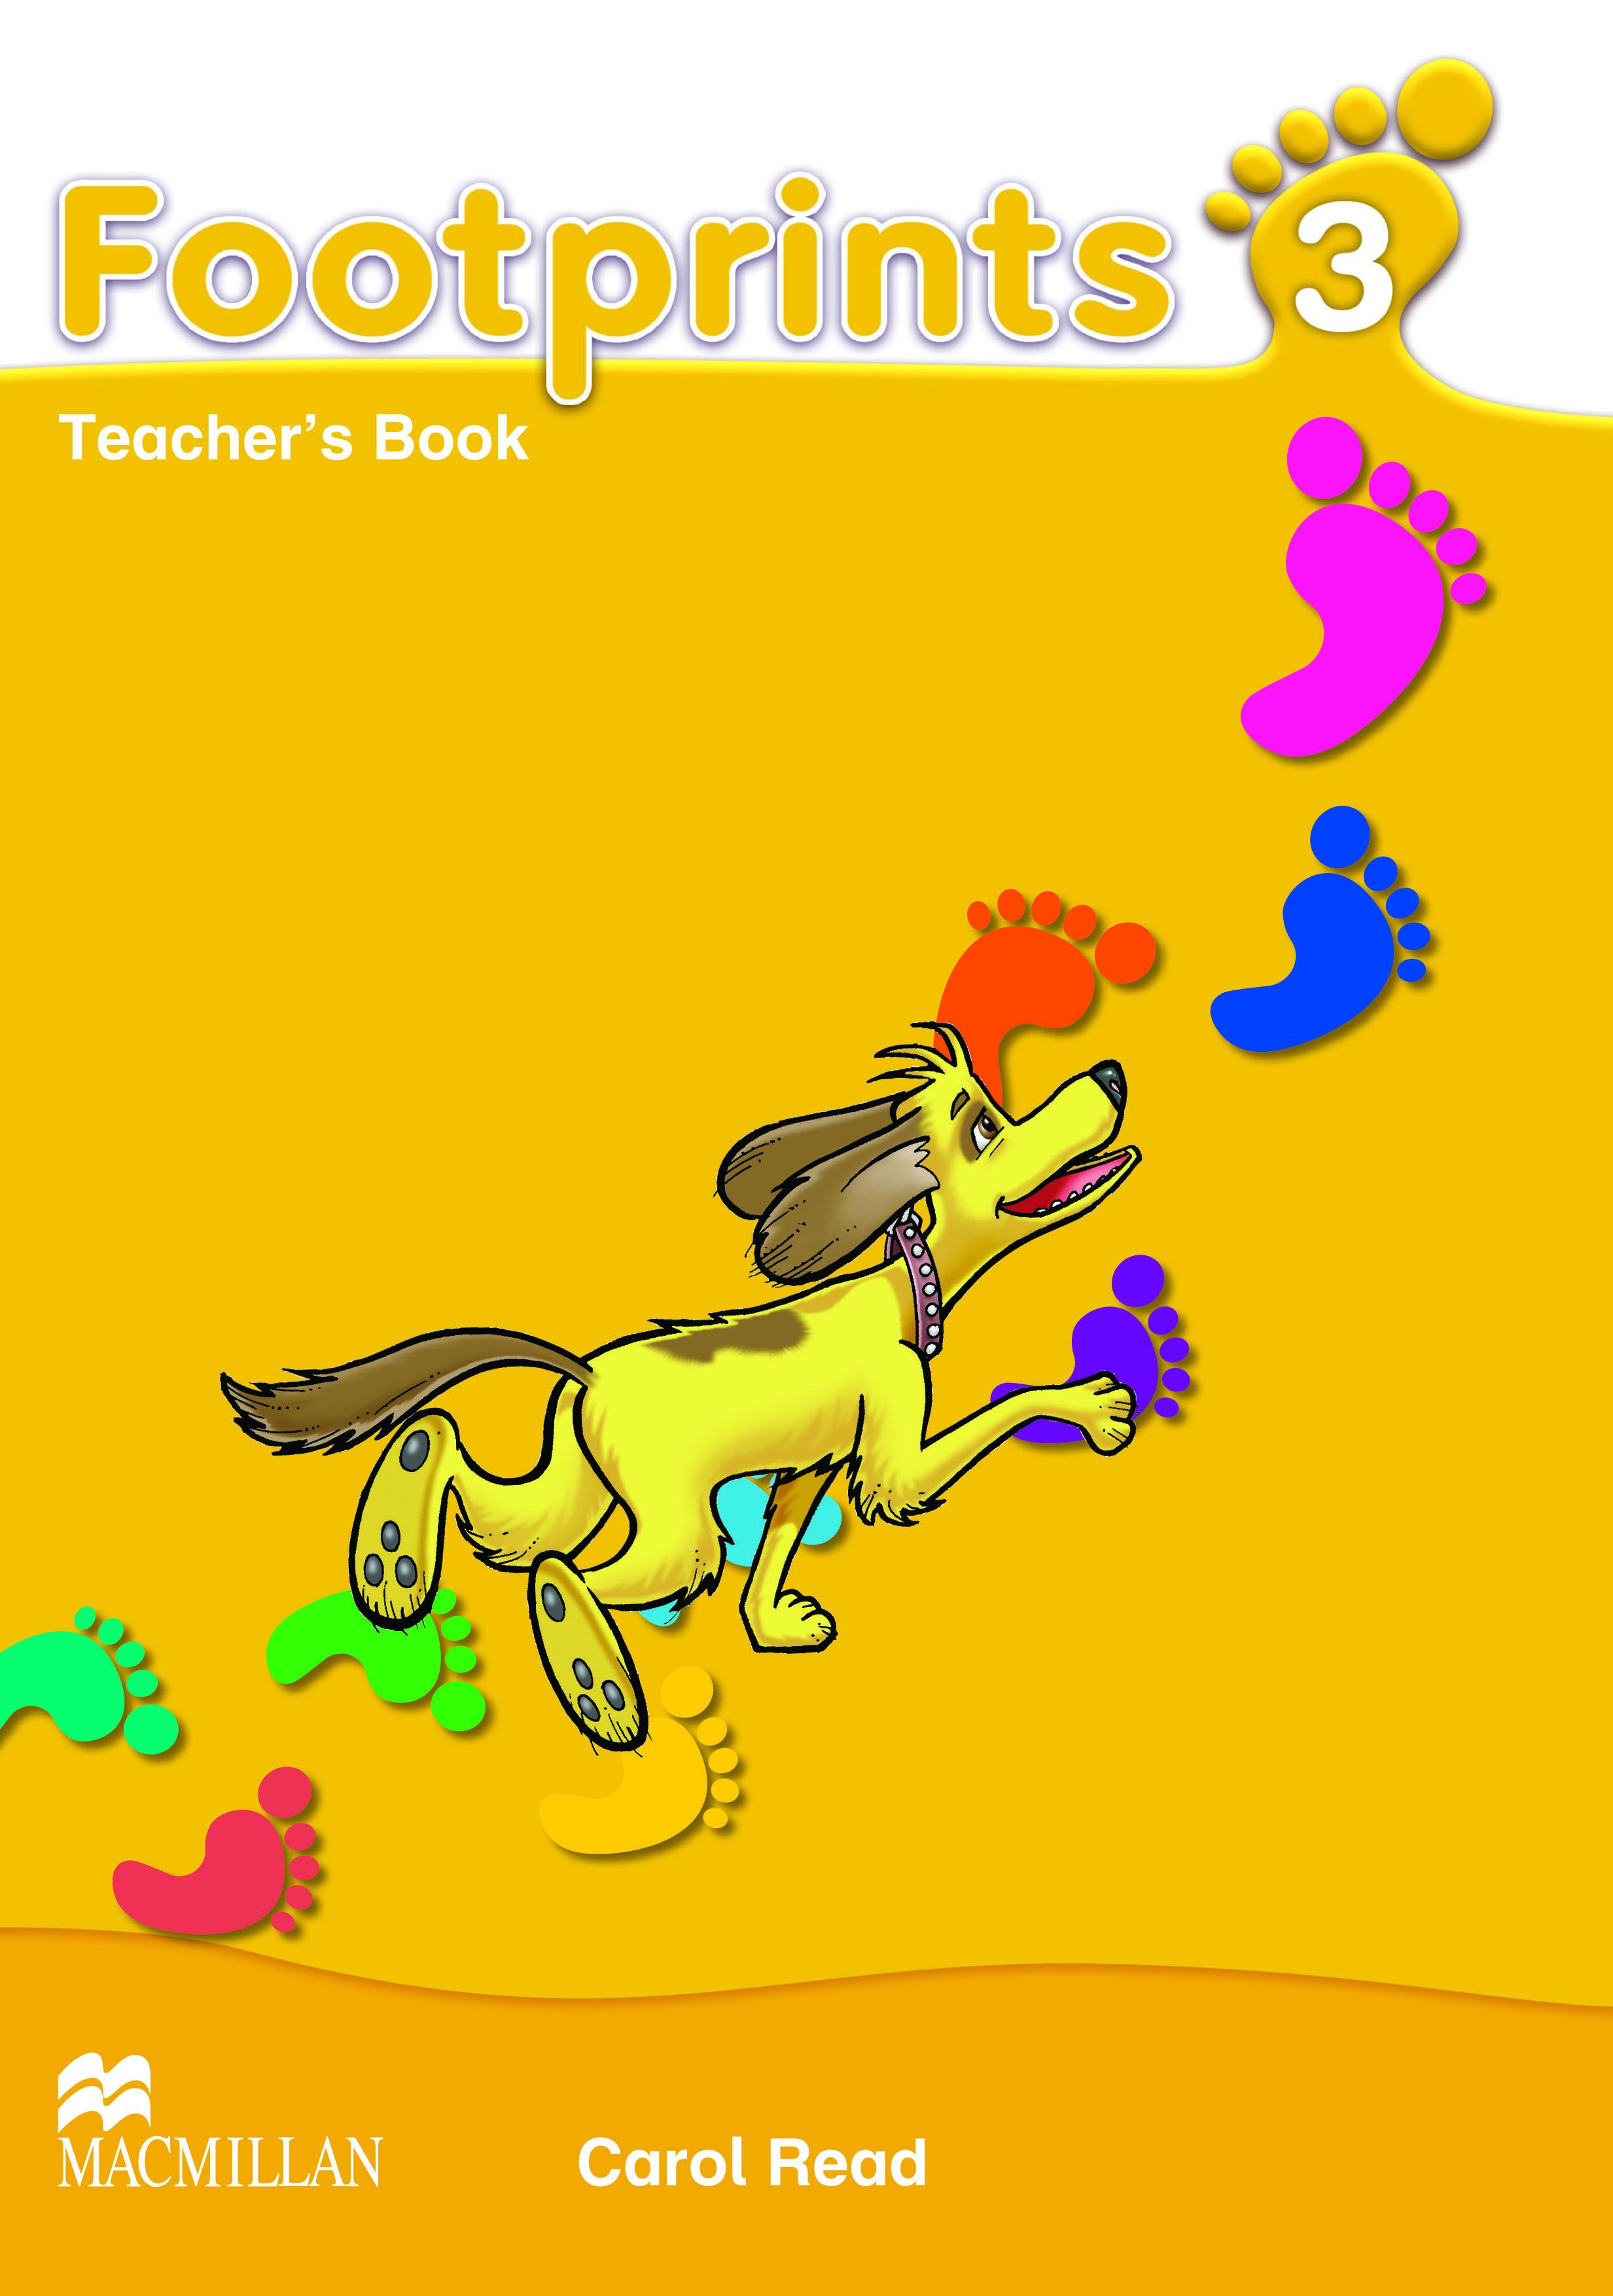 Footprints 3 Teacher